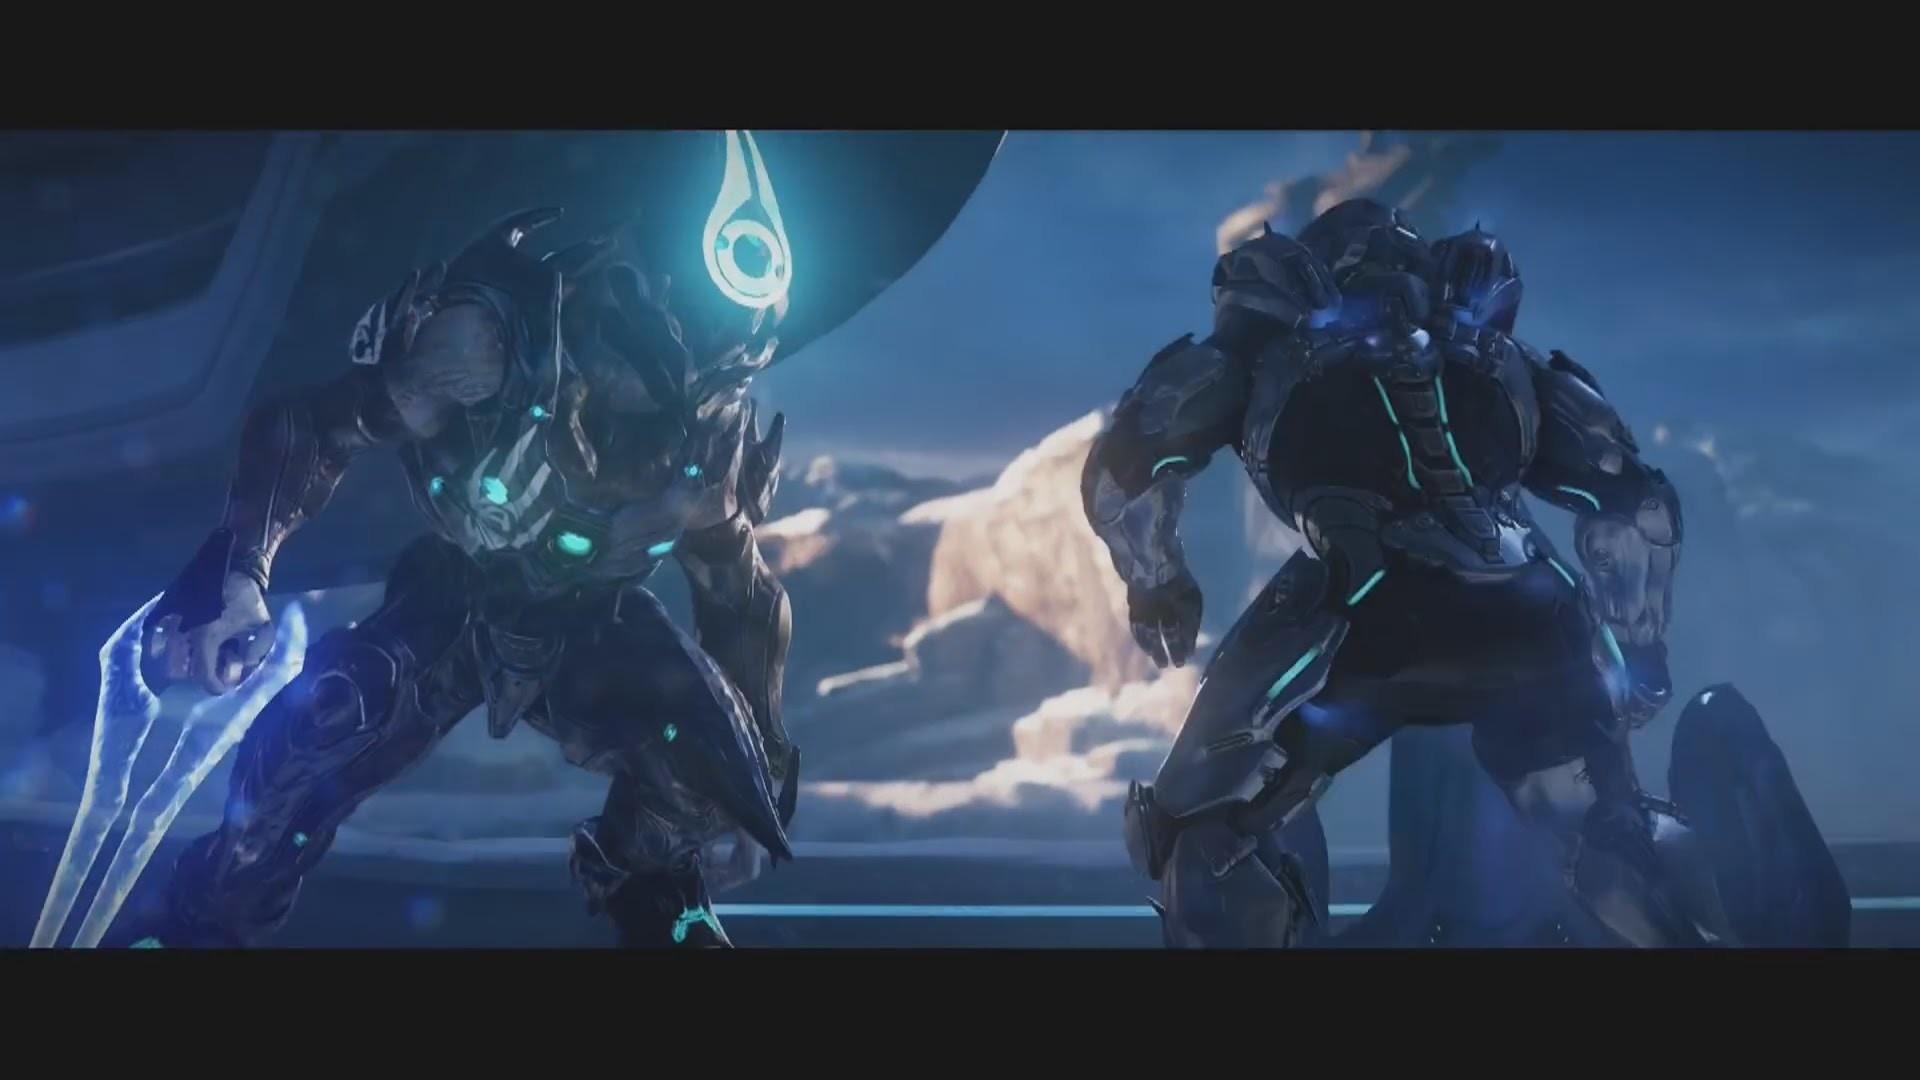 Halo 5 Guardians Wallpaper 1080p 81 Images